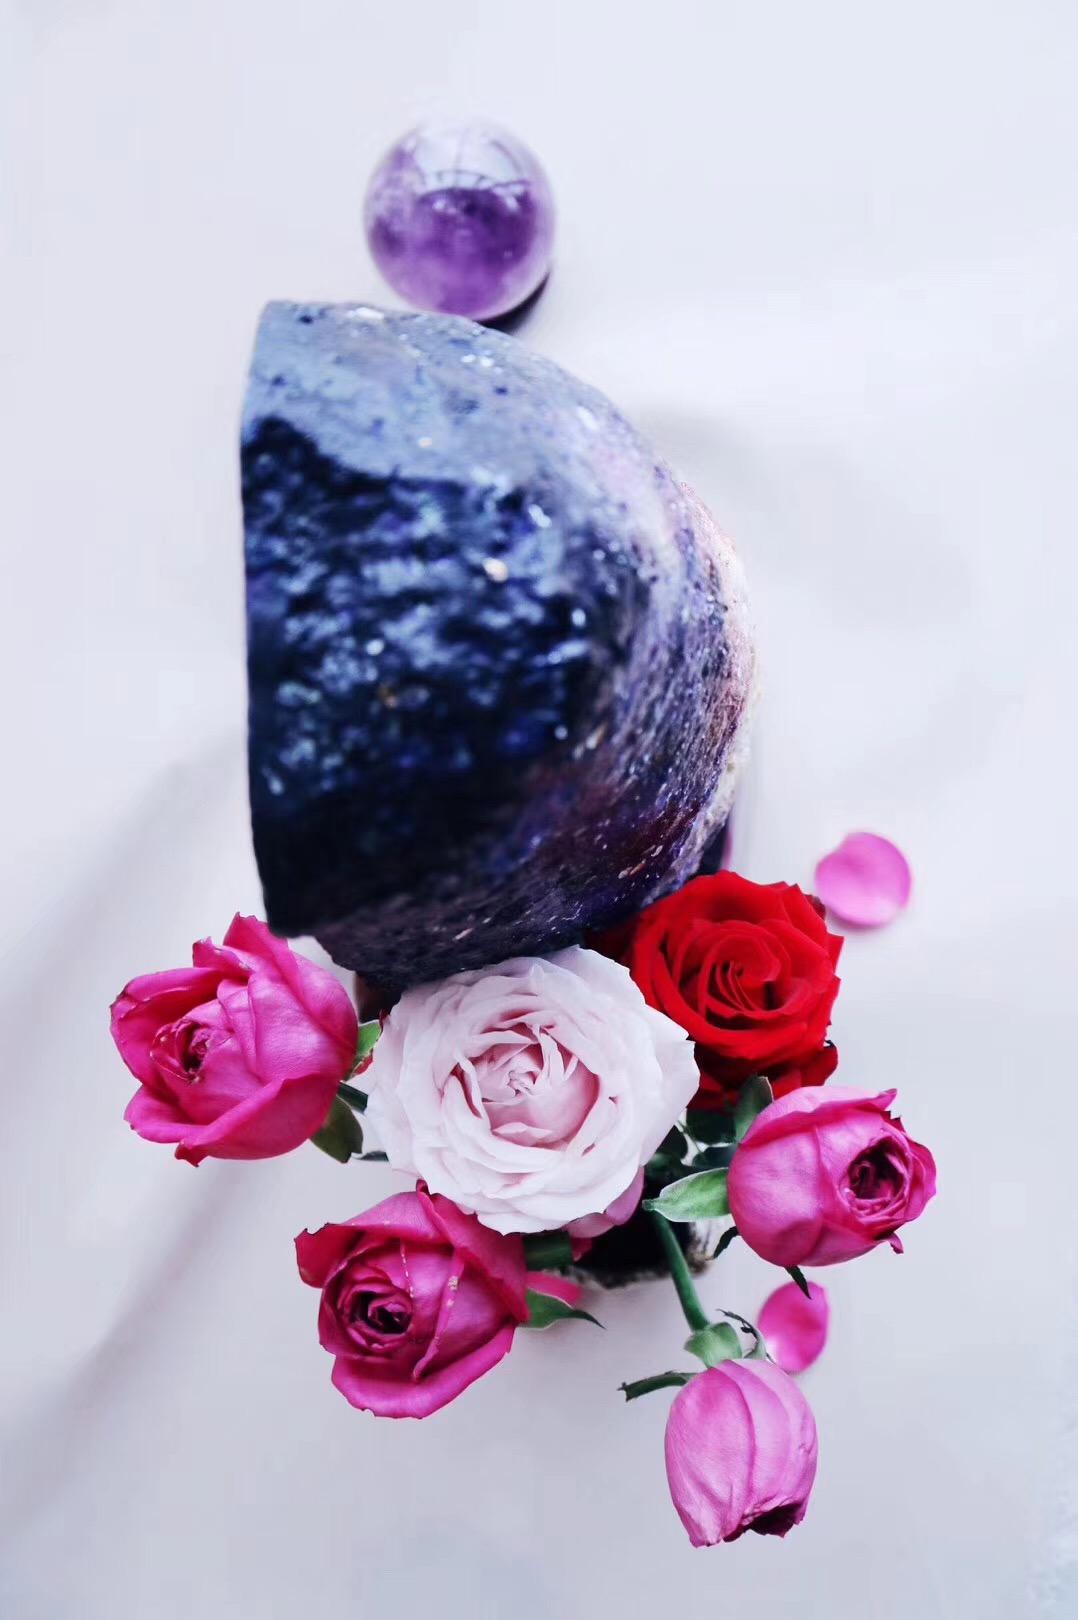 【菩心-宇宙星河&紫晶洞】所有从你手中流逝的,终有一天会以另外一种形式回到你手里-菩心晶舍